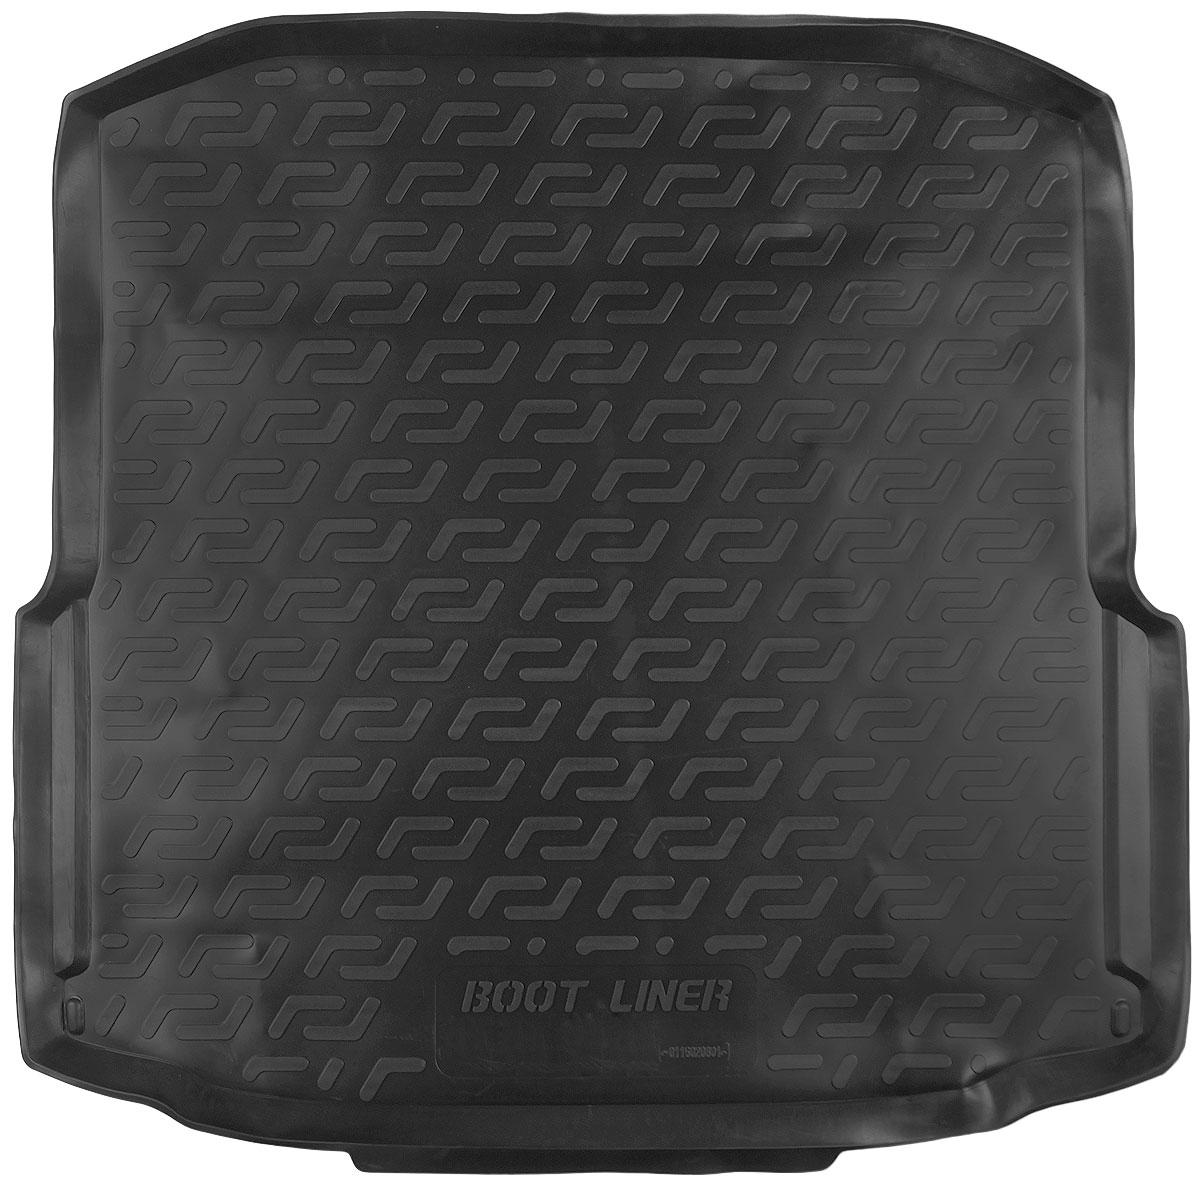 Коврик в багажник L.Locker, для Skoda Octavia III liftback (13-)0116020801Коврик L.Locker производится индивидуально для каждой модели автомобиля из современного и экологически чистого материала. Изделие точно повторяет геометрию пола автомобиля, имеет высокий борт, обладает повышенной износоустойчивостью, антискользящими свойствами, лишен резкого запаха и сохраняет свои потребительские свойства в широком диапазоне температур (от -50°С до +80°С).